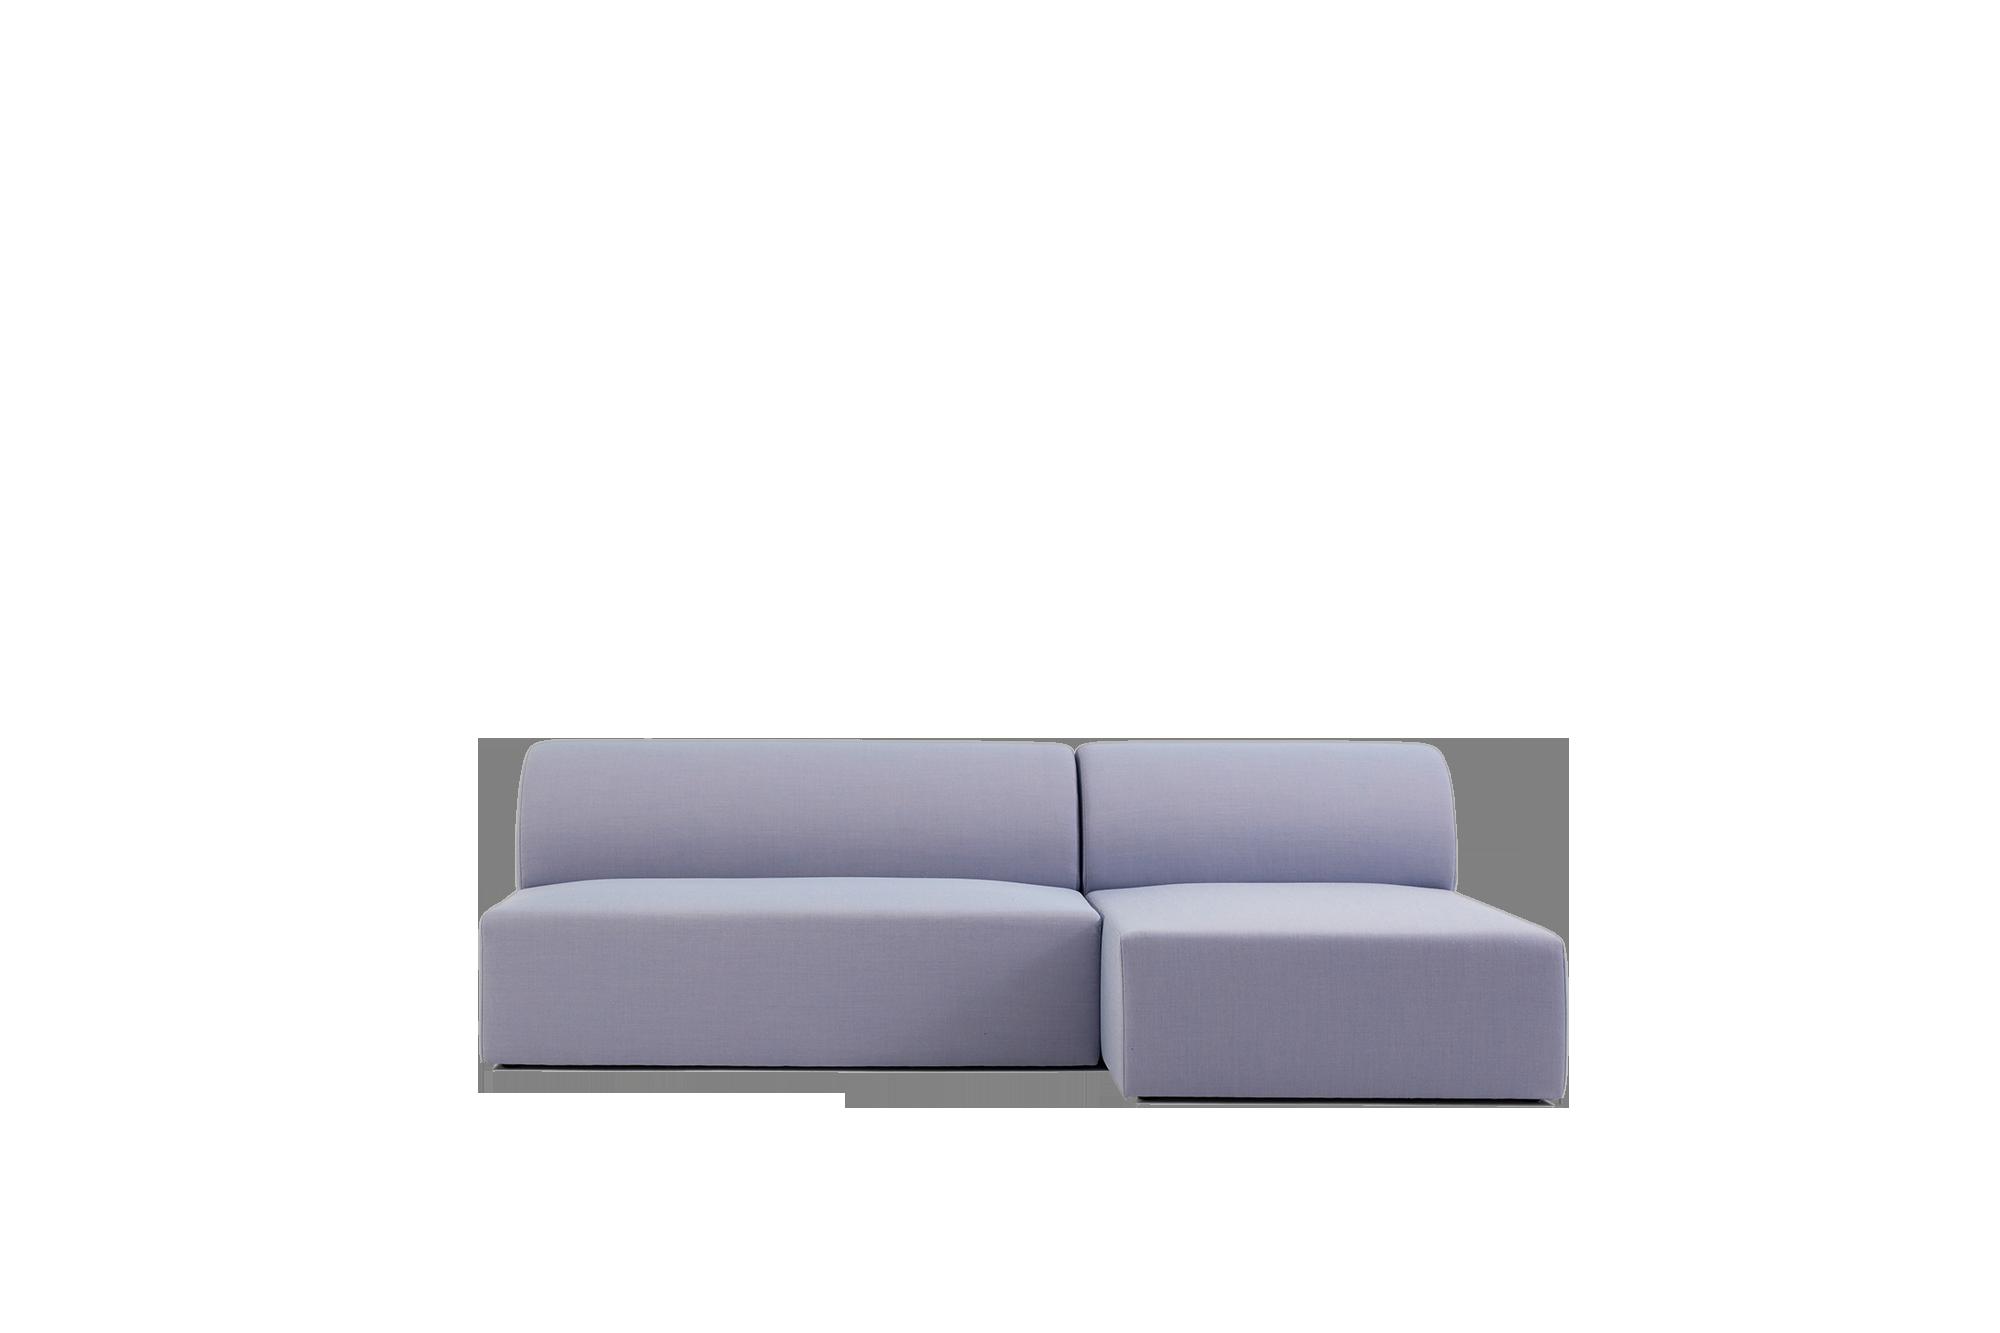 Full Size of Langes Sofa Leder Lounge Lange Tisch Sofaborde Gerd Production Sofabord Sofaer Kaufen Weber Modulsofa Designs Objekte Unserer Tage 3 2 1 Sitzer Weiß Grau Sofa Langes Sofa